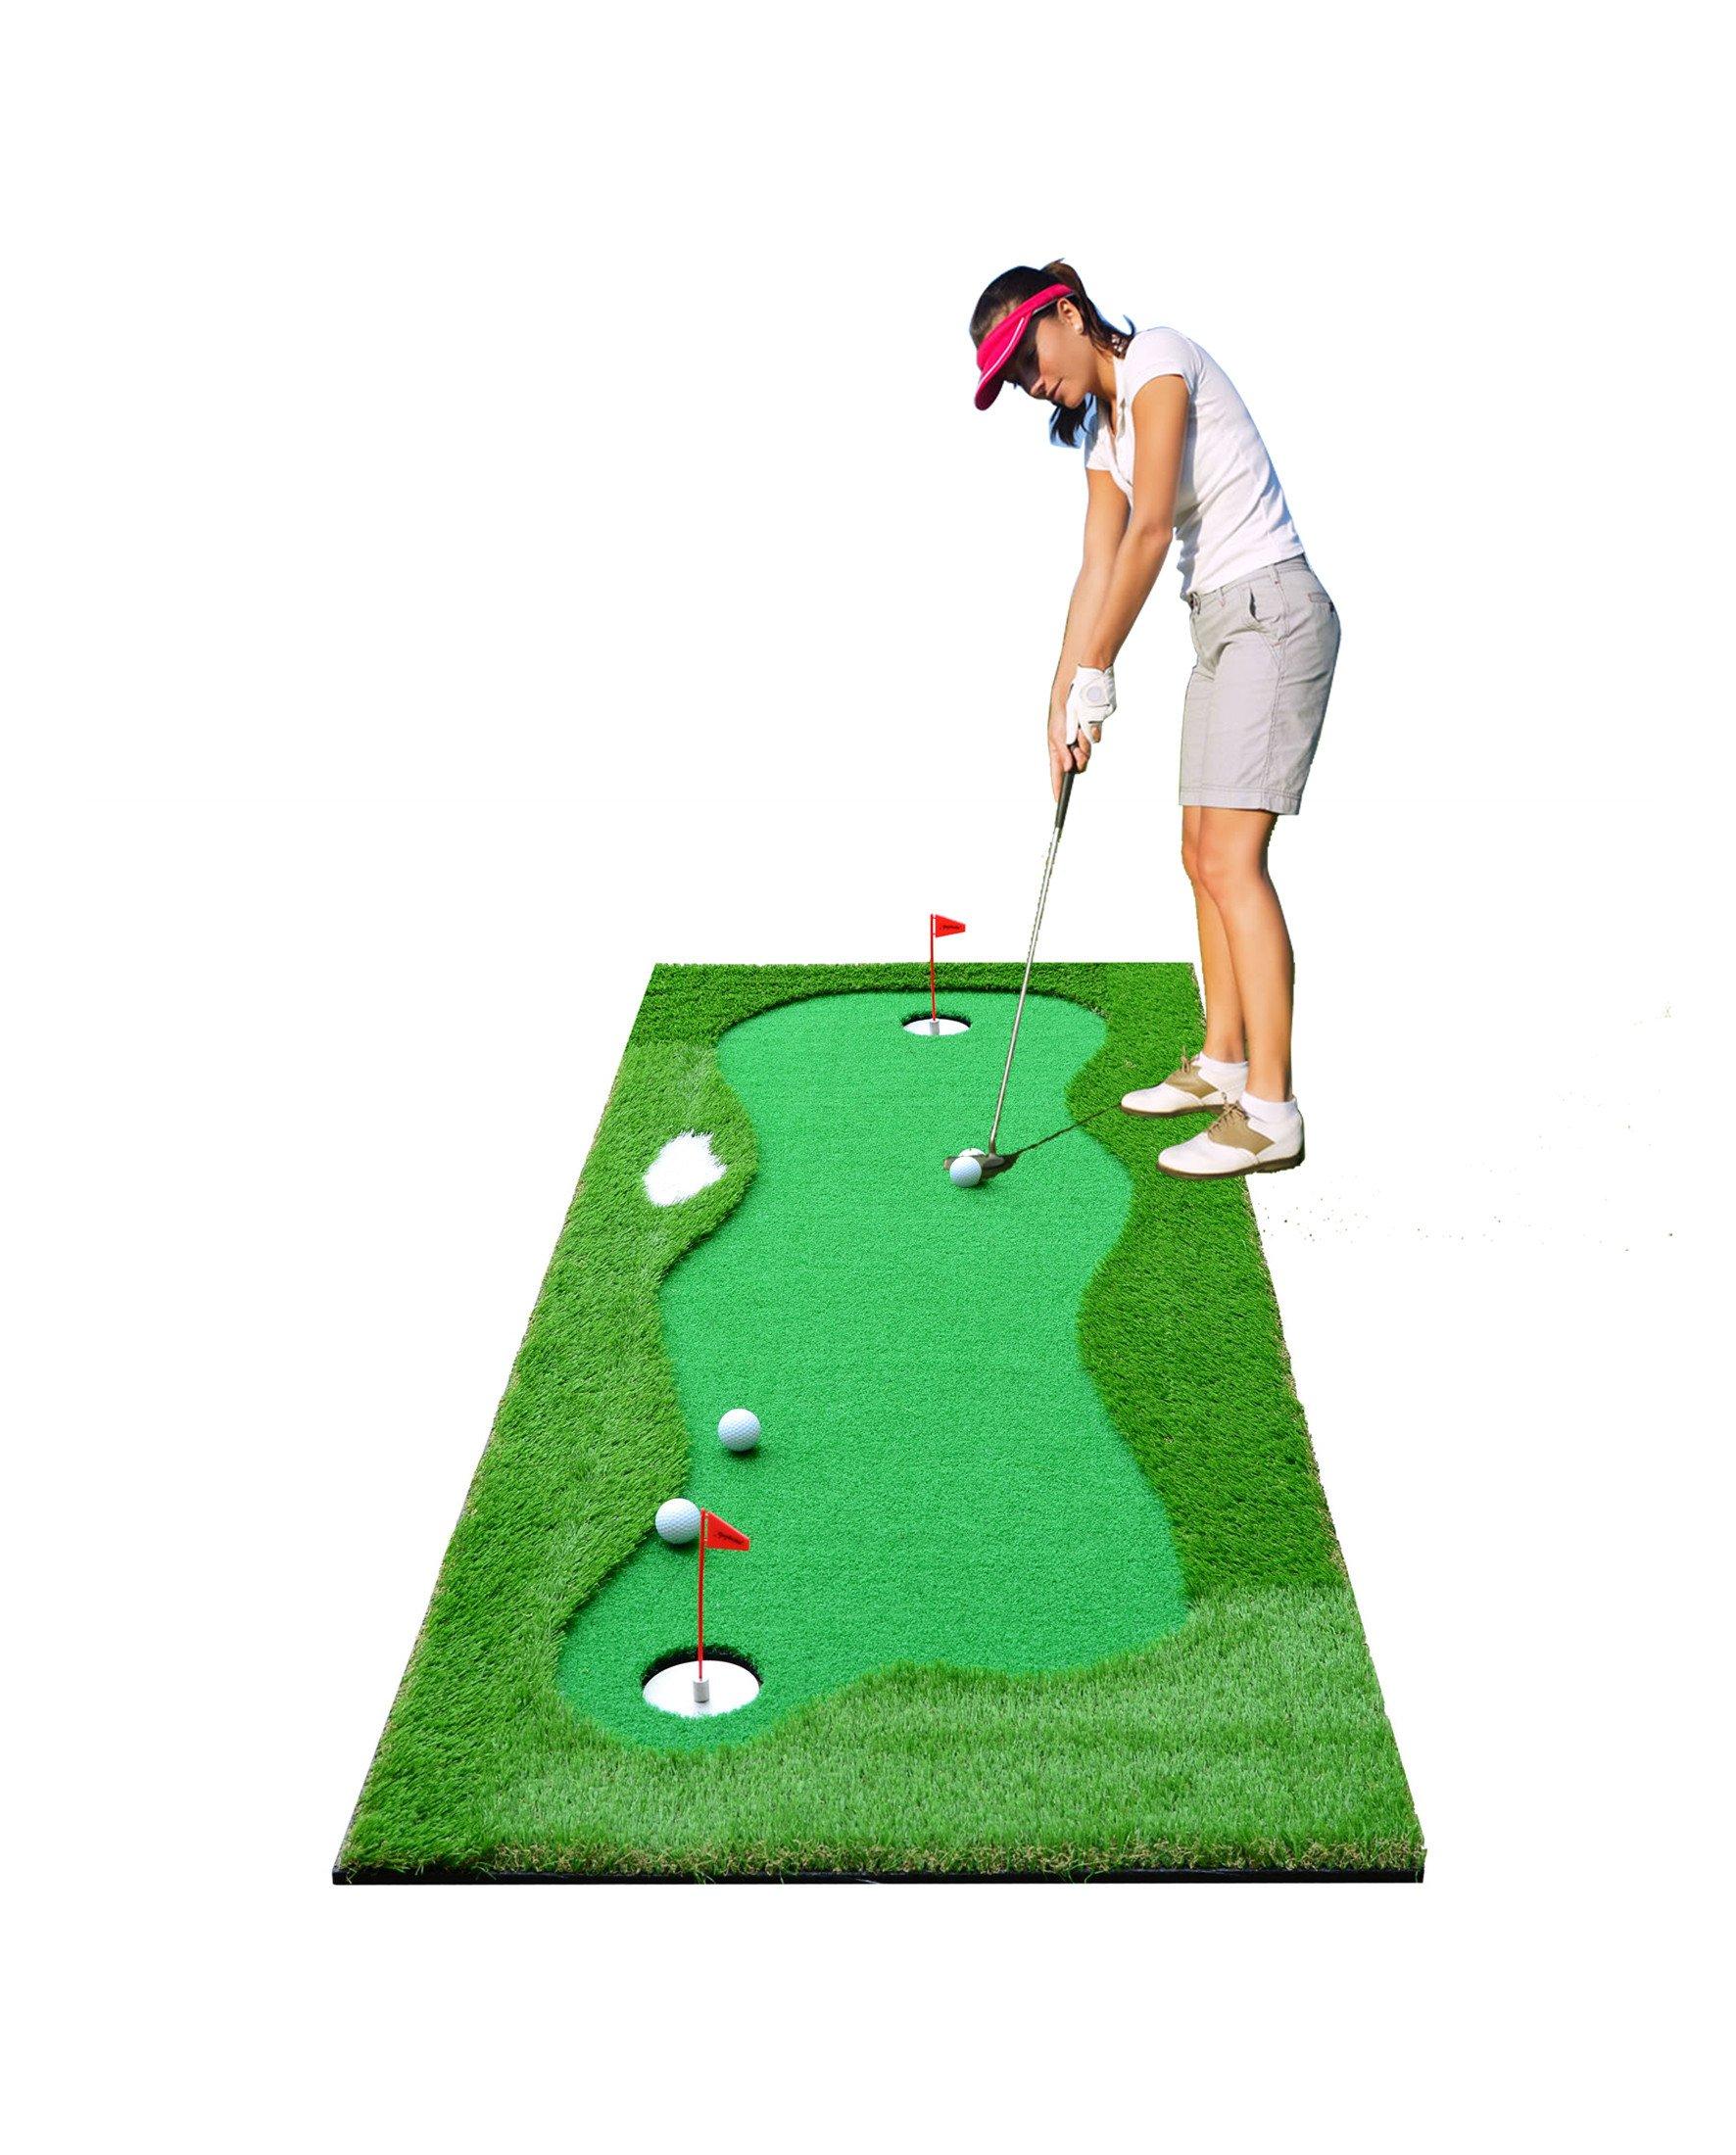 77tech Large Artificial Grass Golf Putting Green Mat Indoor/Outdoor Golf Training Aid Equipment Mat (2.5x10ft)